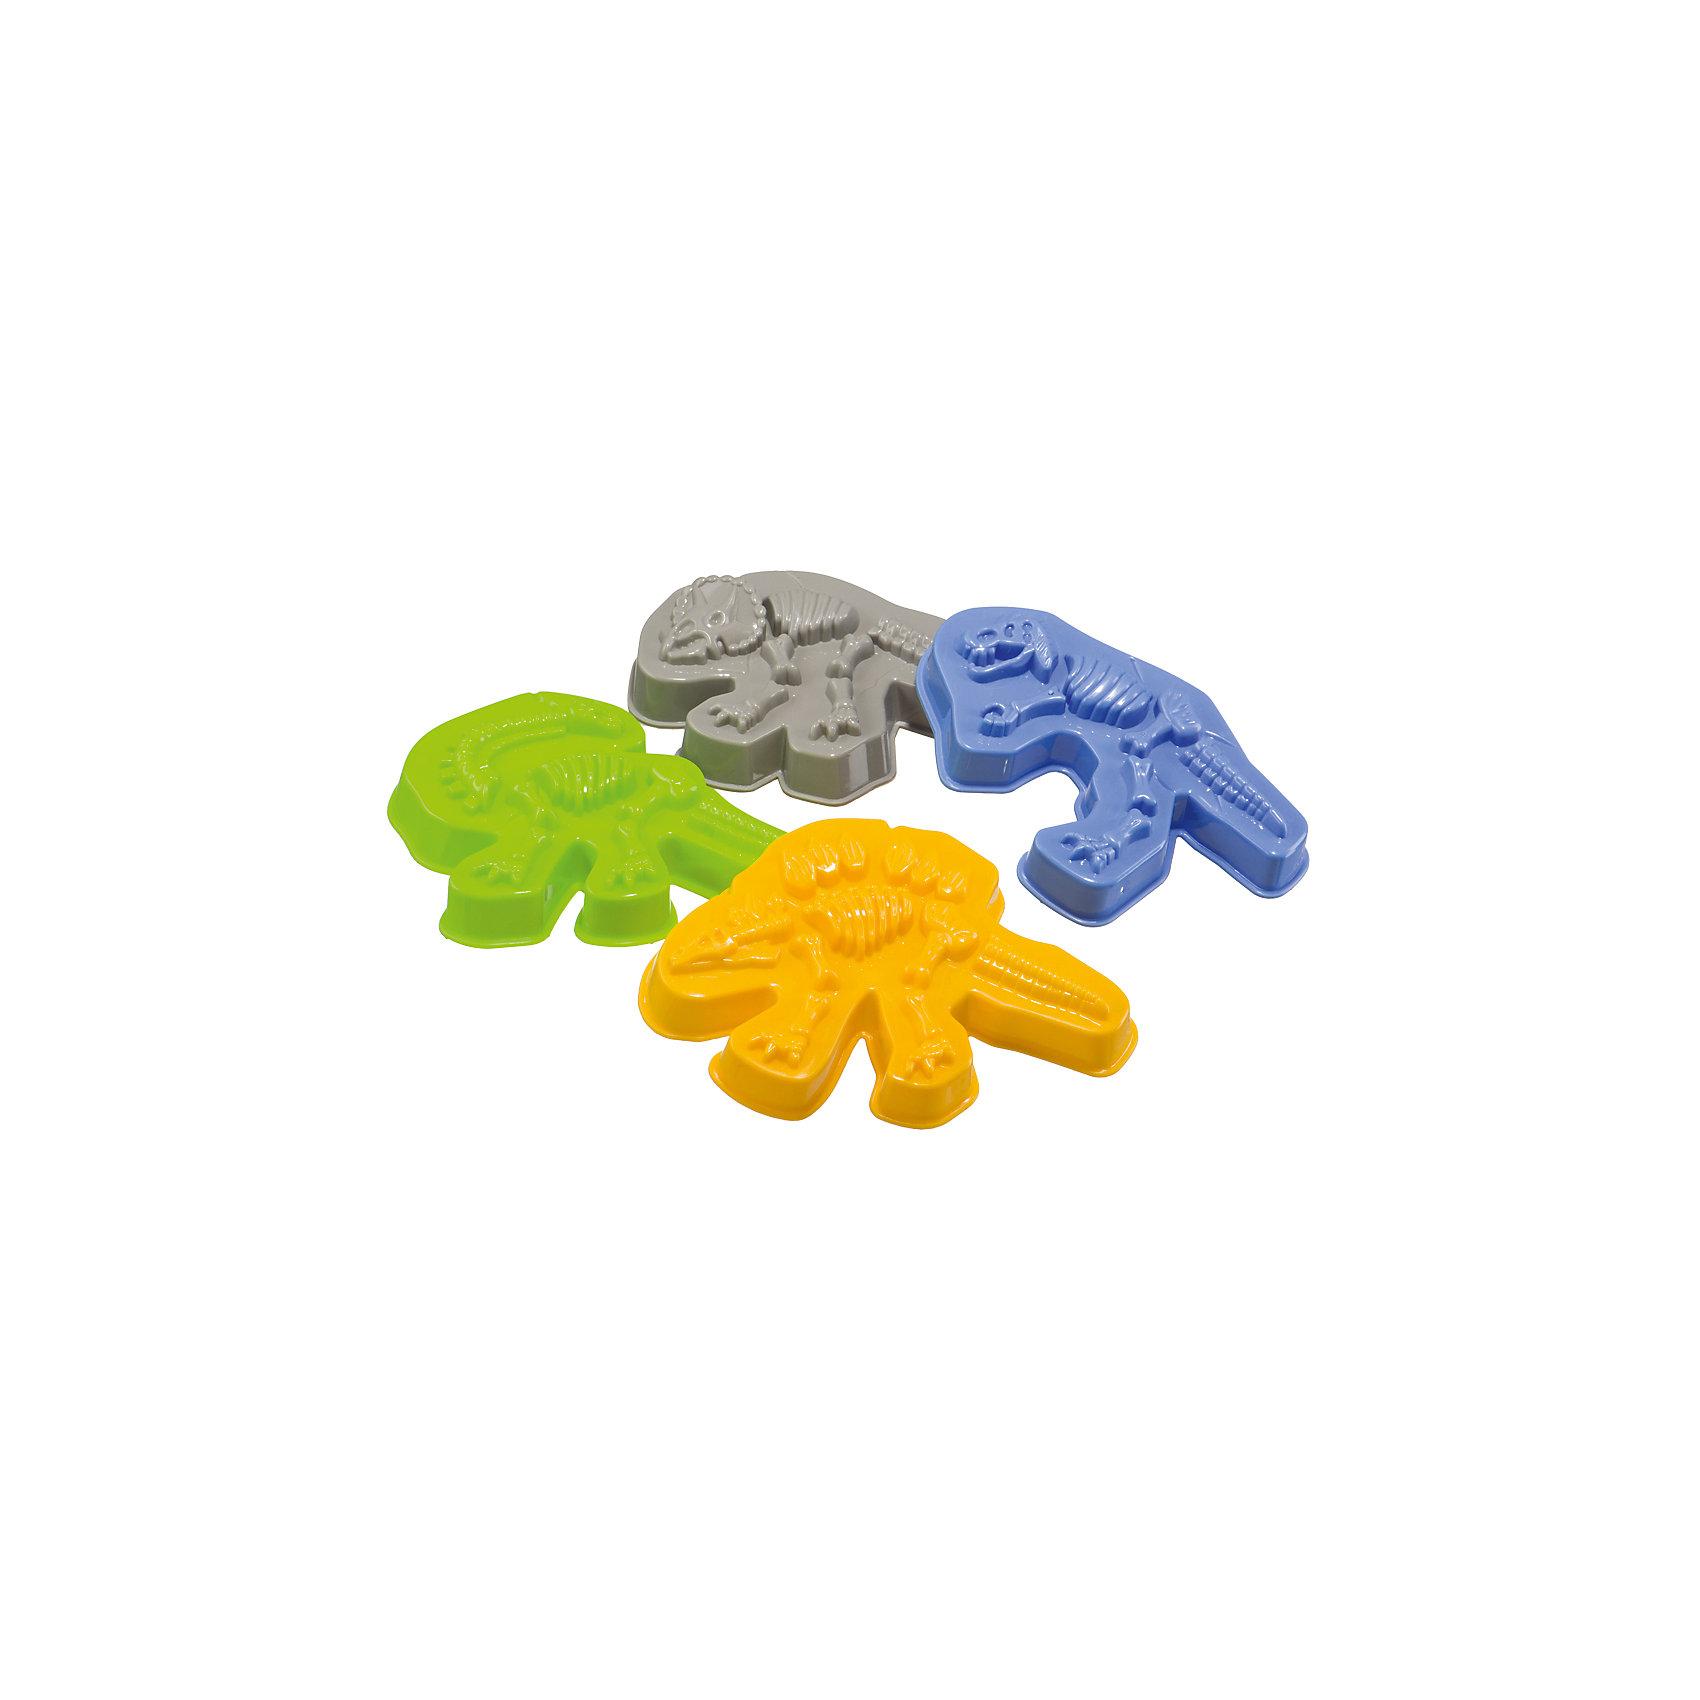 Формочки для песка Dinosaurs, Happy BabyИгрушки для малышей<br>Рекомендуется детям старше 3 лет.<br>В наборе 4 формочки.<br>Срок службы: 5 лет.<br>Особых условий хранения и транспортировки не требует.<br>РАЗВИВАЕТ:<br>Воображение.<br>Мелкую моторику.<br>Интеллект.<br>УХОД<br>Перед использованием обработать игрушки чистой влажной тканью.<br><br>ОПИСАНИЕ<br>Весёлые формочки в виде динозавров увлекут ребёнка в мир приключений, превращая песочницу в место раскопок. В позитивной игровой форме ребёнок сможет узнать названия видов динозавров и увидеть, как выглядят их скелеты. В наборе присутствуют формочки в виде скелетов тиранозавра, трицерапторса, стегозавра и брахиозавра.<br><br>Ширина мм: 110<br>Глубина мм: 110<br>Высота мм: 145<br>Вес г: 72<br>Возраст от месяцев: 36<br>Возраст до месяцев: 2147483647<br>Пол: Унисекс<br>Возраст: Детский<br>SKU: 6679321